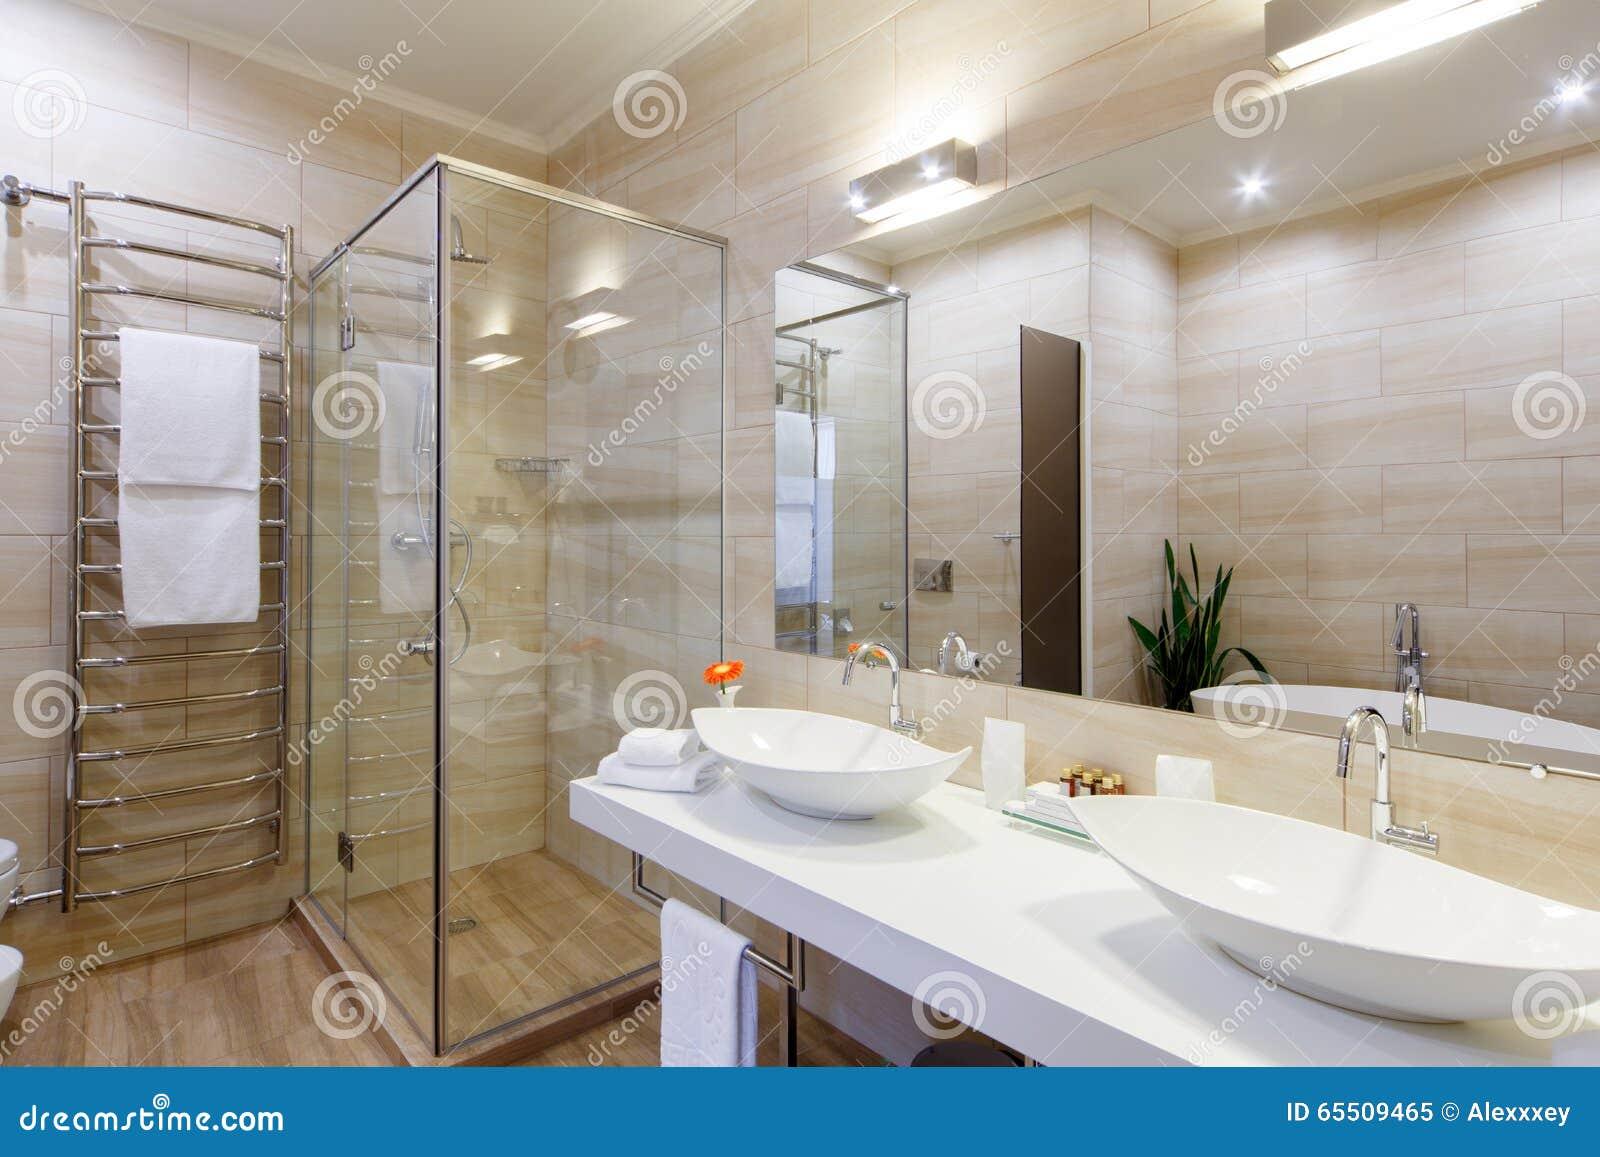 Salle De Bains Des Chambres D H Tel Avec Une Douche Et Quelques